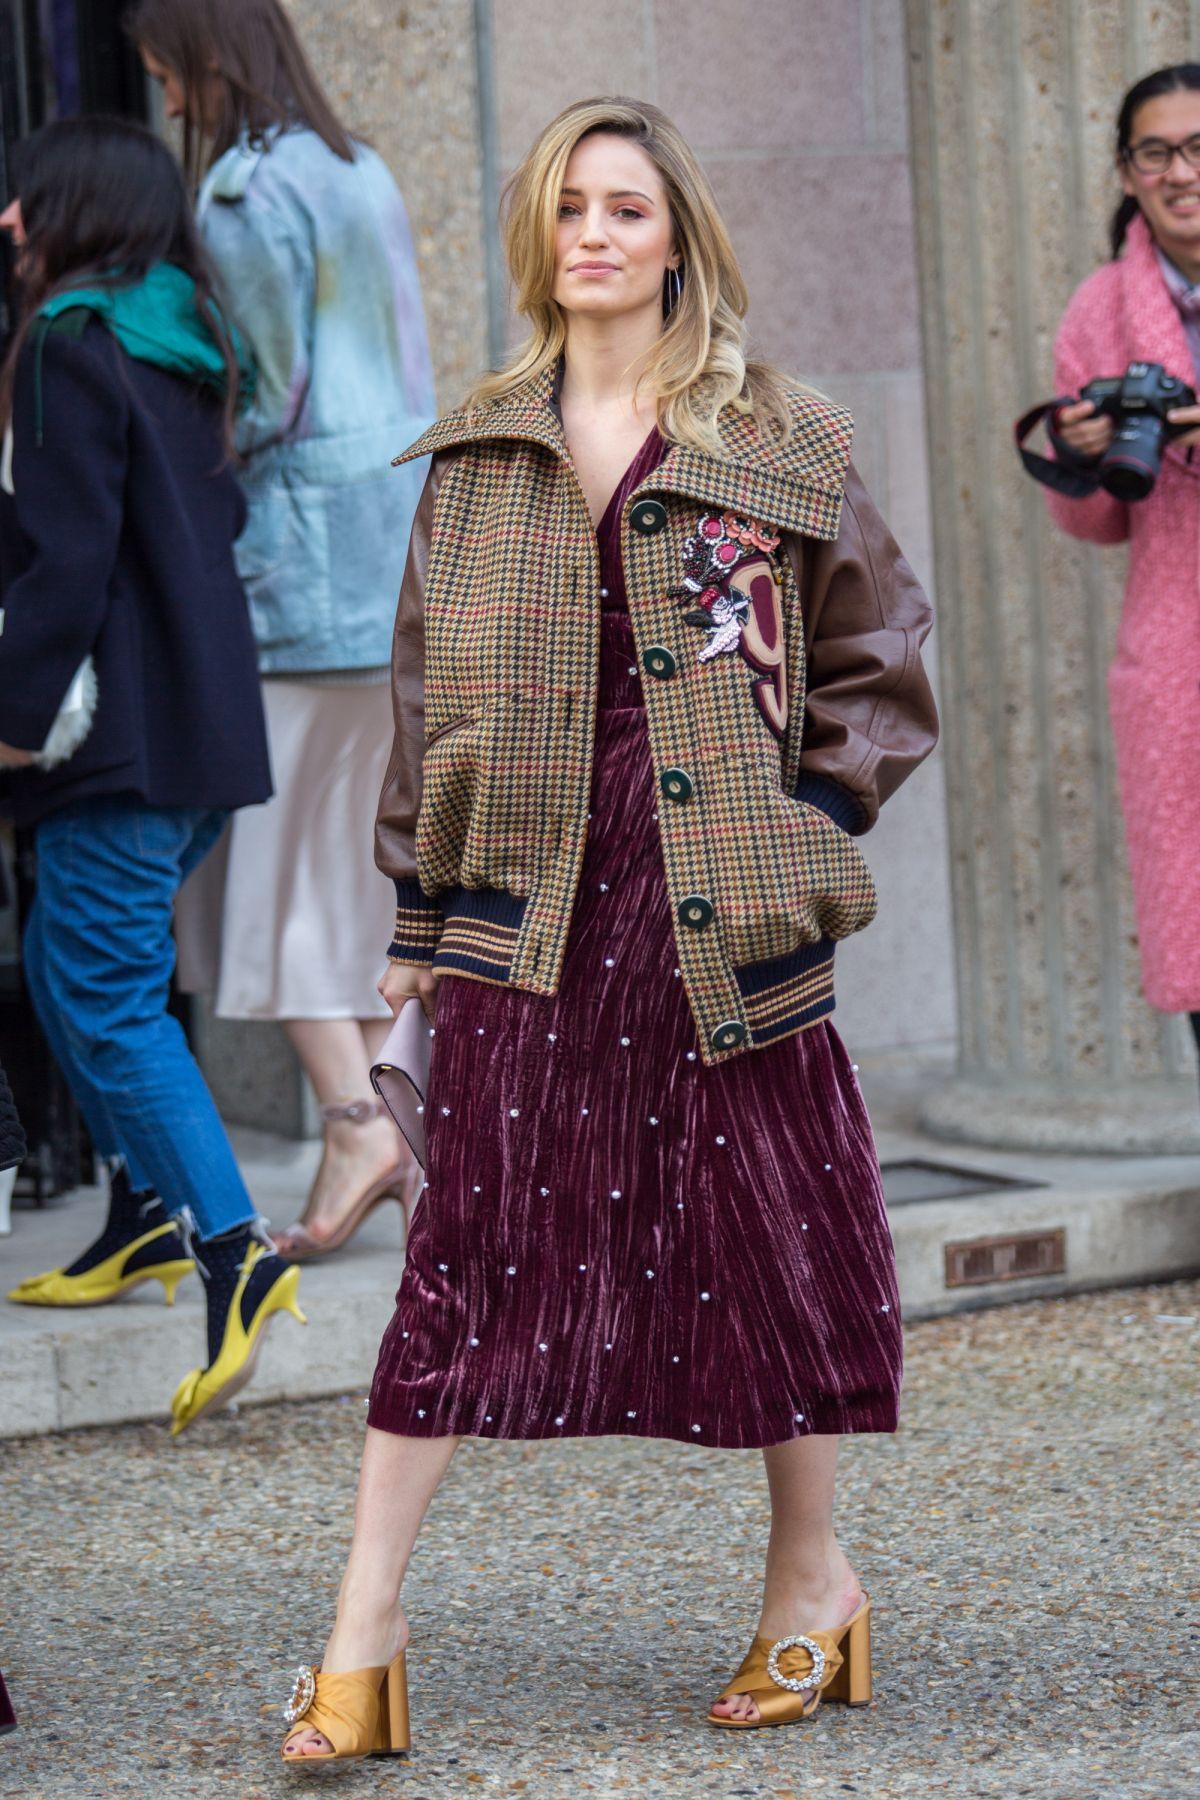 136db620df4a DIANNA AGRON at Miu Miu Fashion Show in Paris 03 07 2017 - HawtCelebs